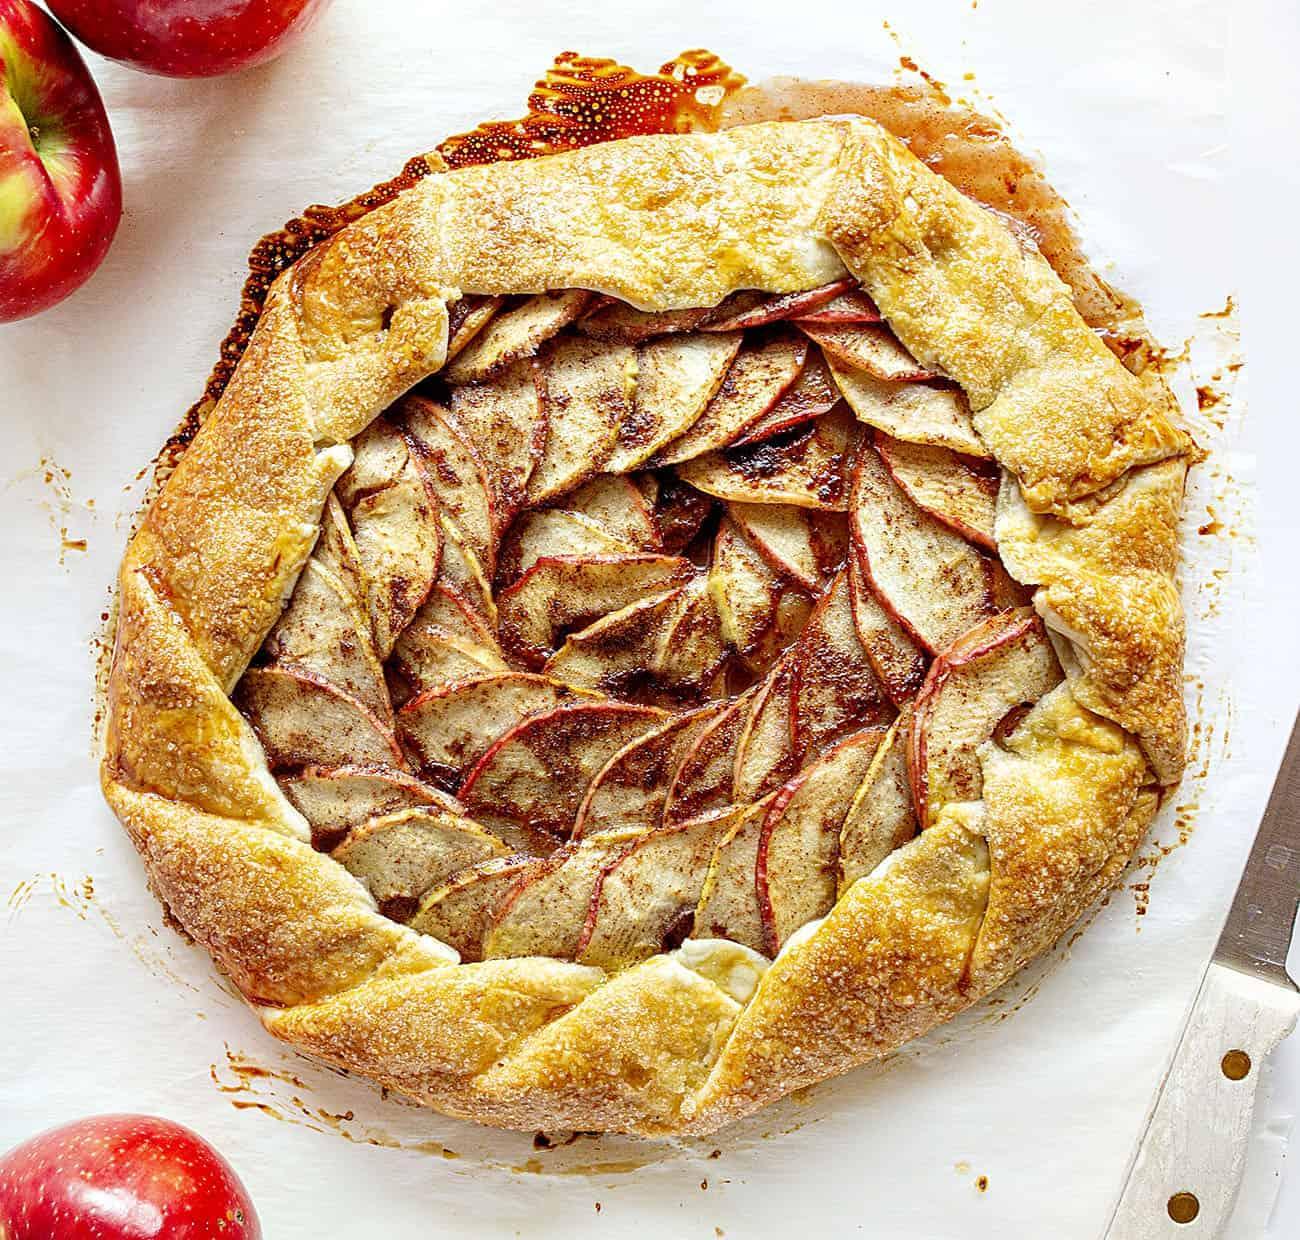 Baked Homemade Homemade Apple Galette